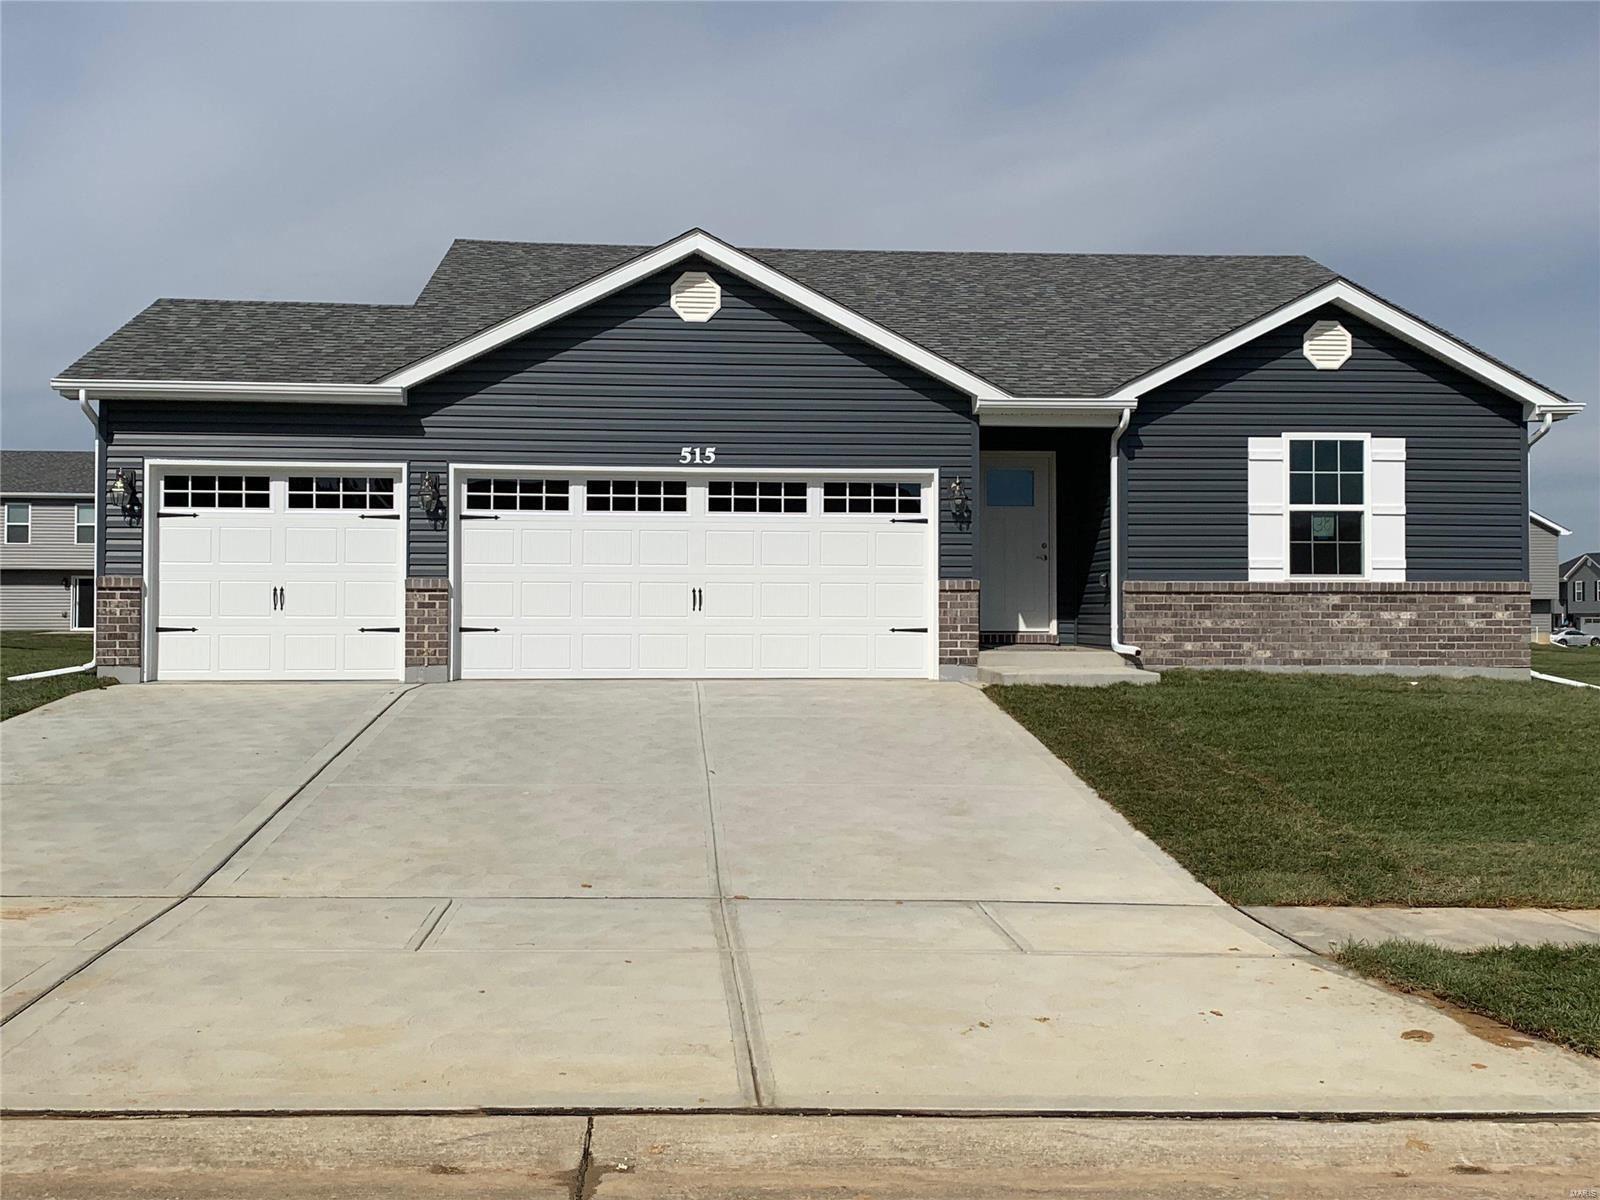 1102 Slapshot Drive, Foristell, MO 63348 - MLS#: 21065977